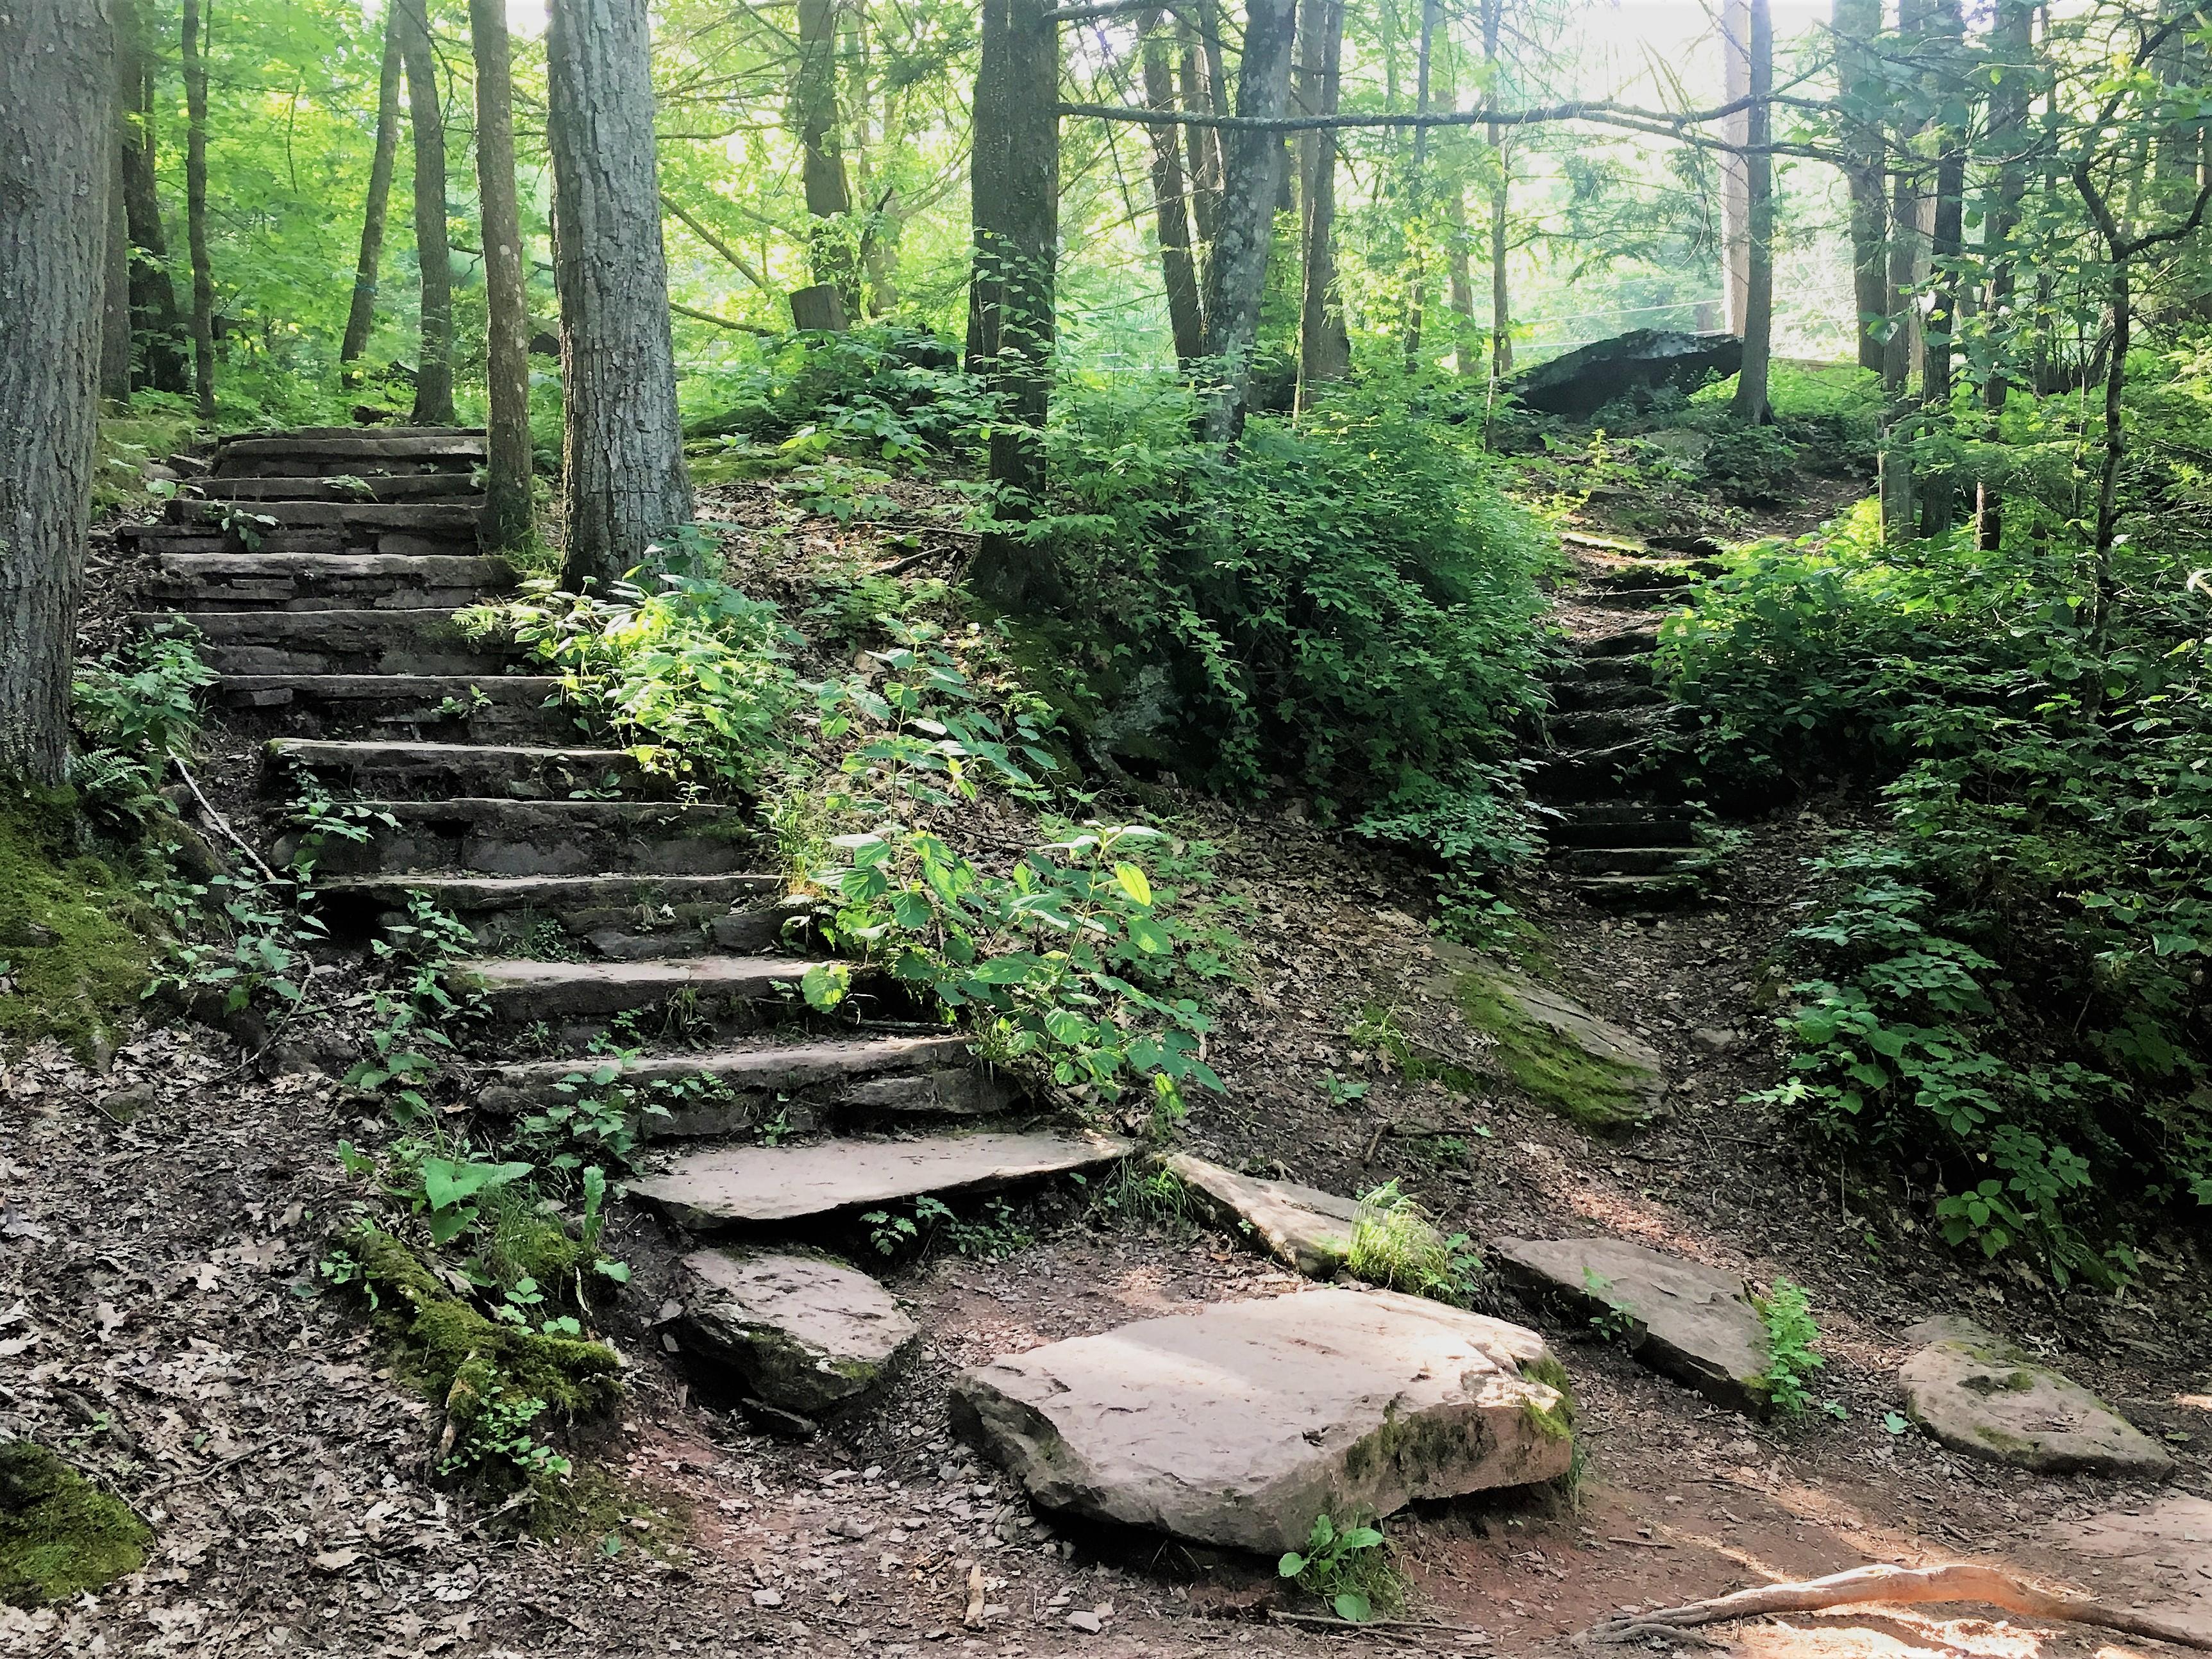 Staircase along tge trail at Ricketts Glen